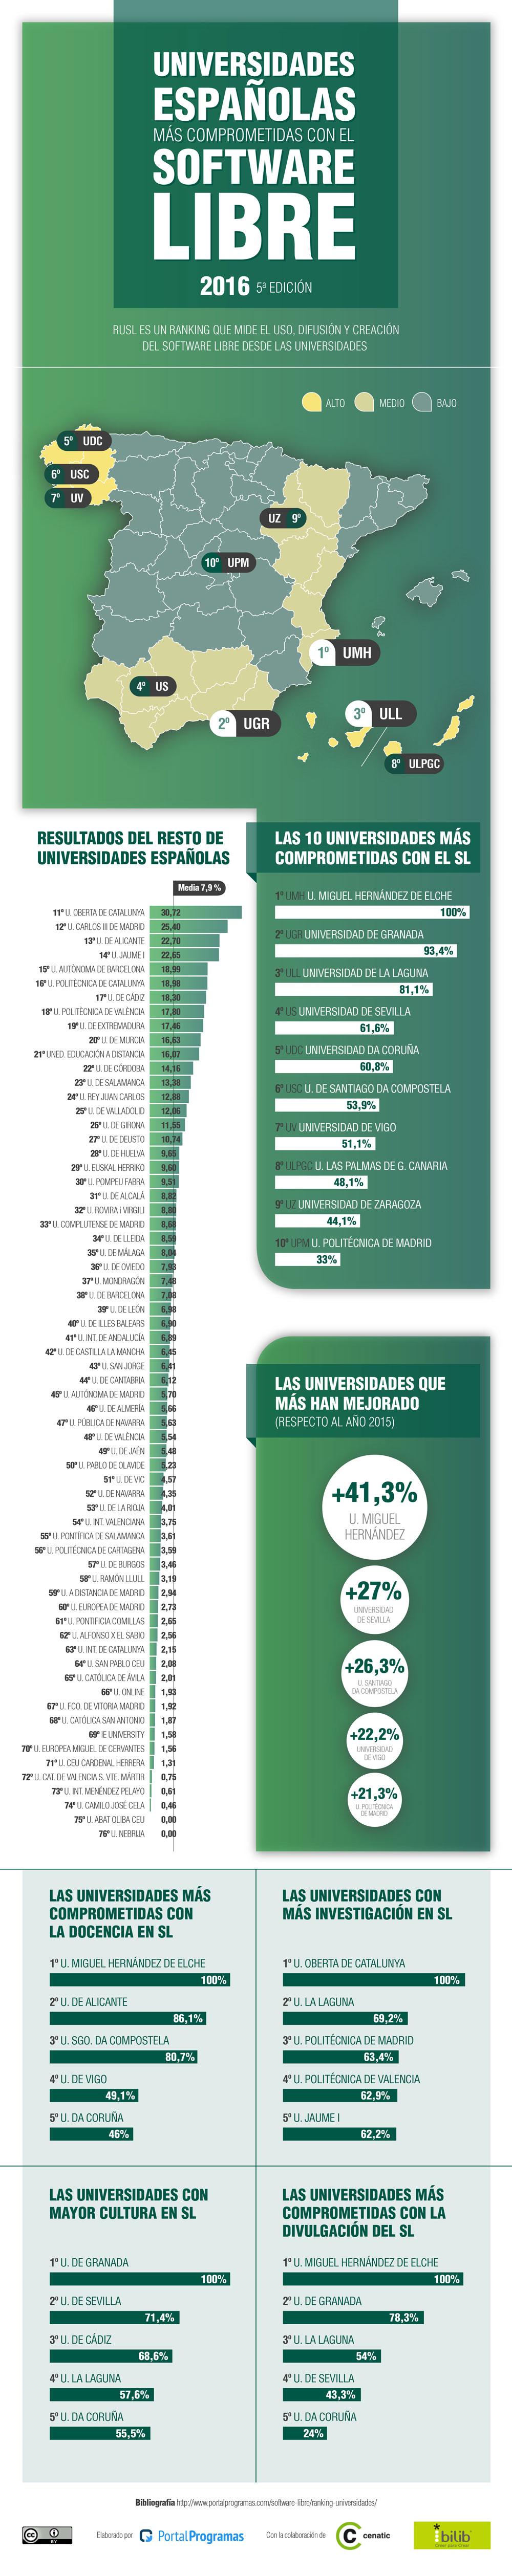 Las universidades españolas más comprometidas con el Software Libre en 2016 - Infografía